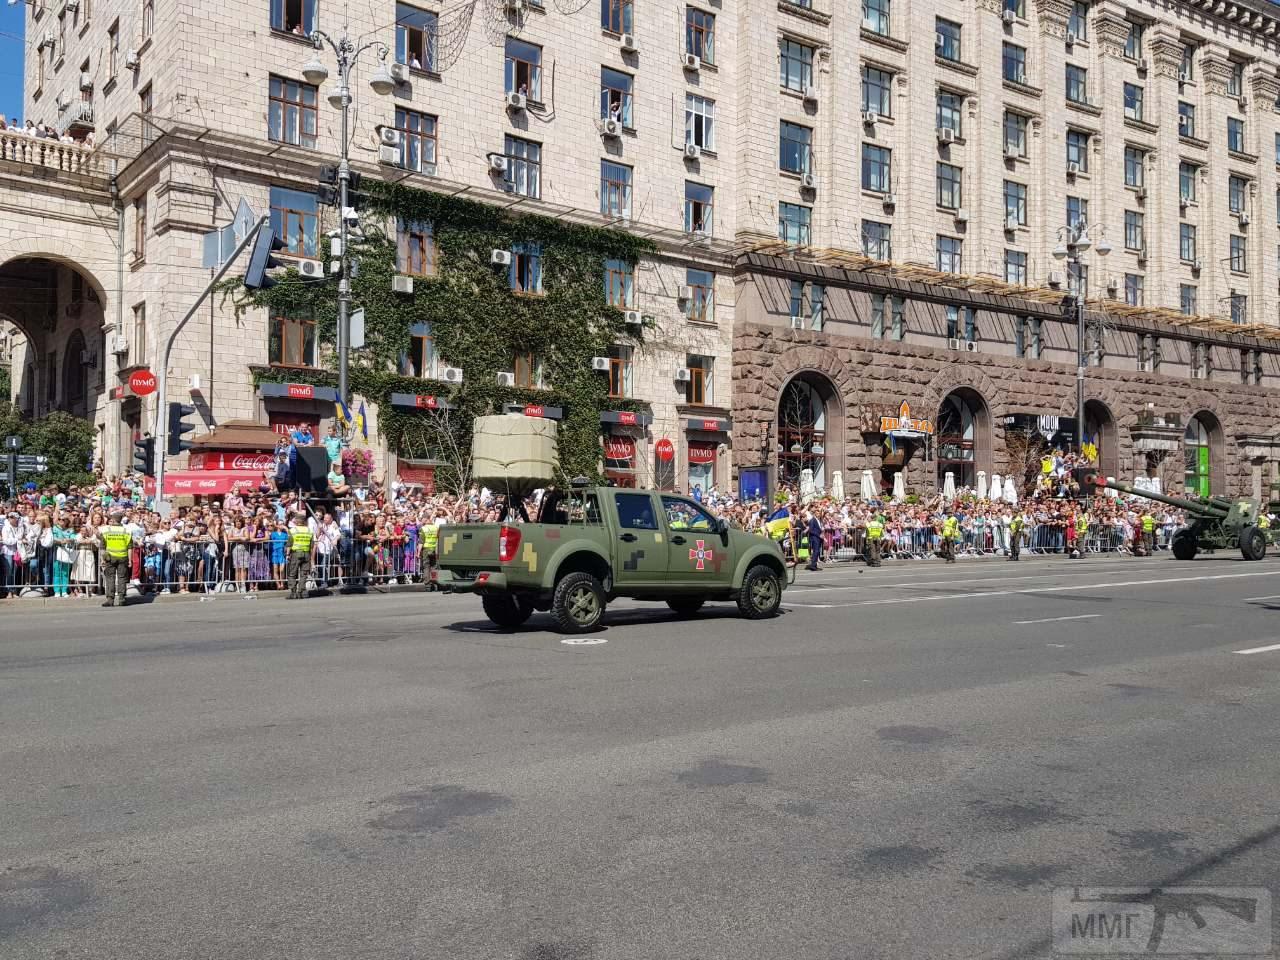 33892 - Реалії ЗС України: позитивні та негативні нюанси.